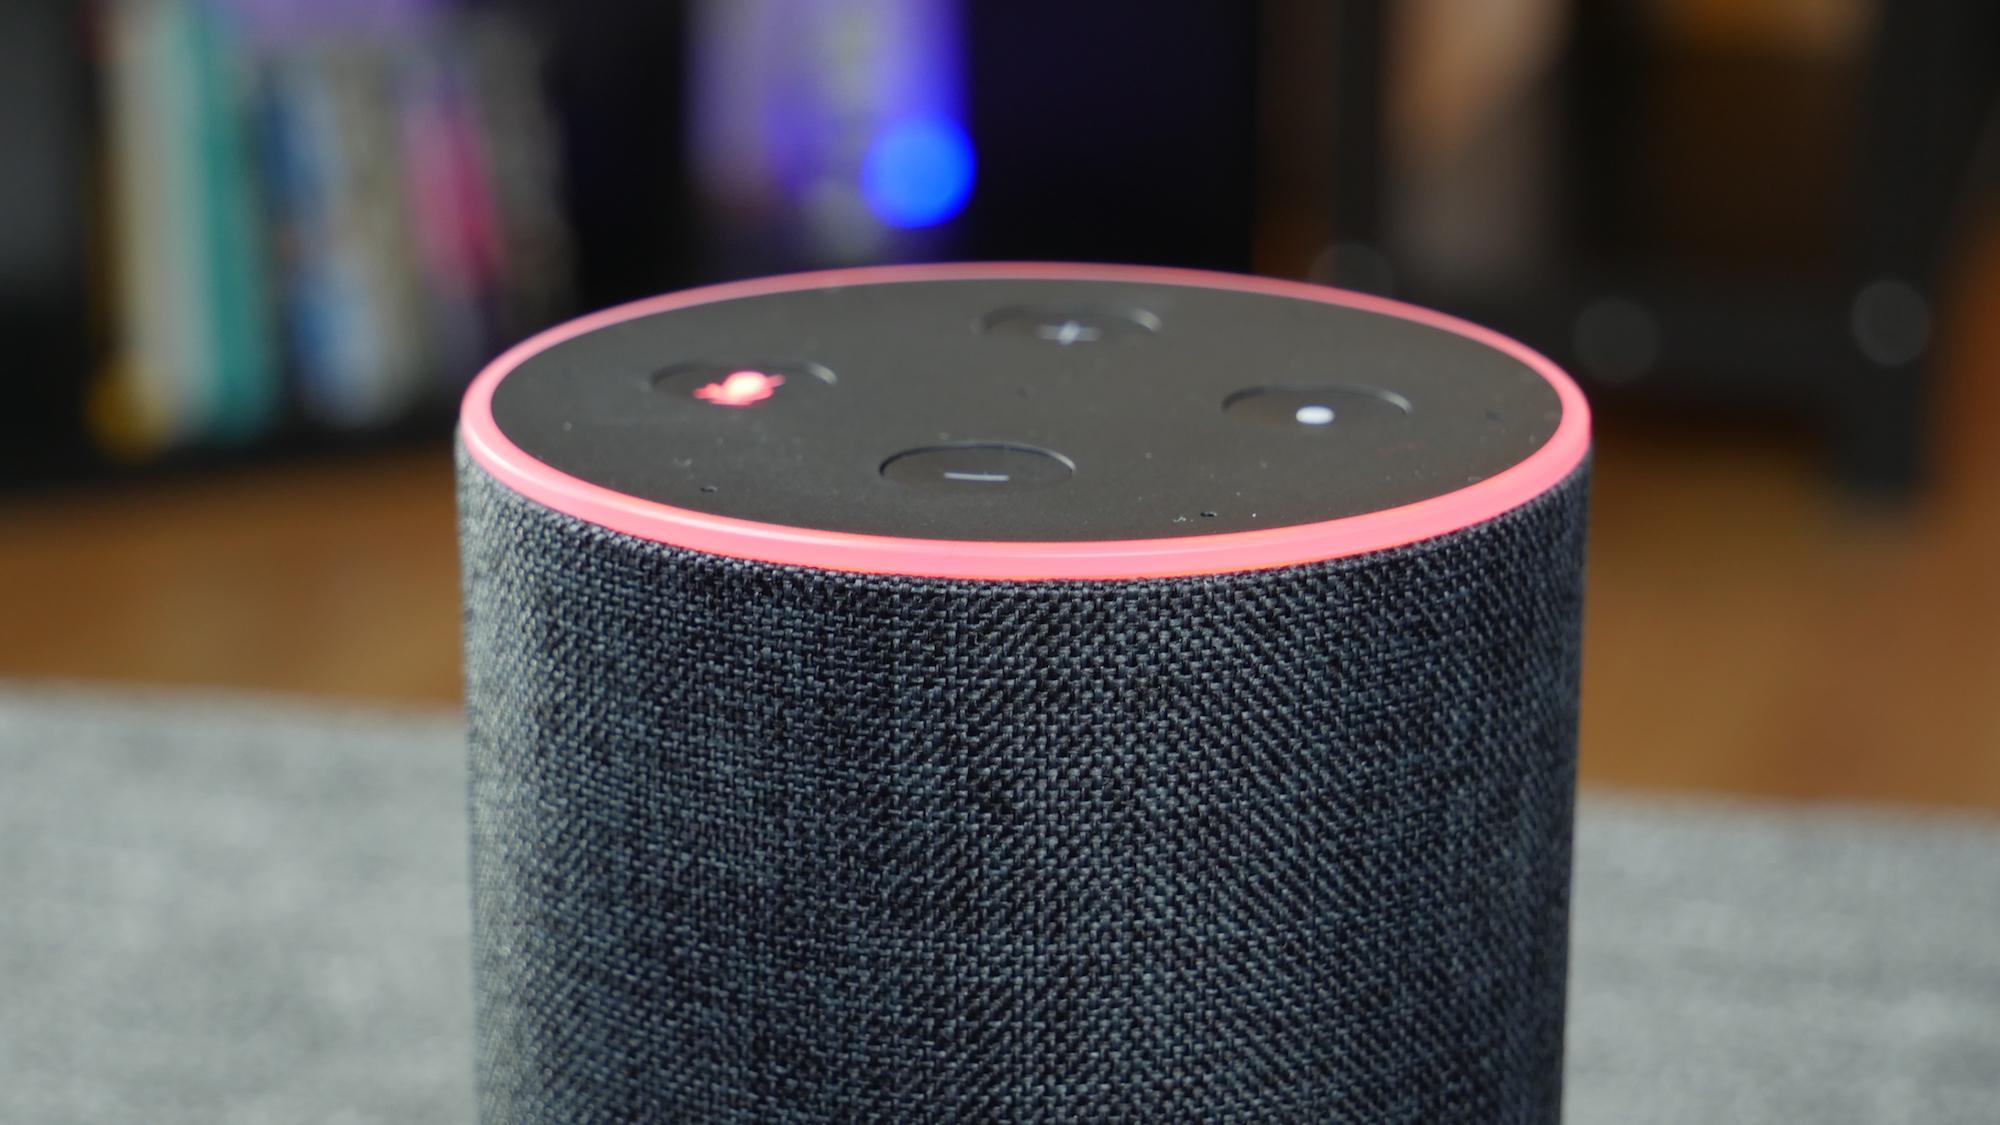 Google Home Amazon Echo Comment Effacer Tout Ce Que Vous